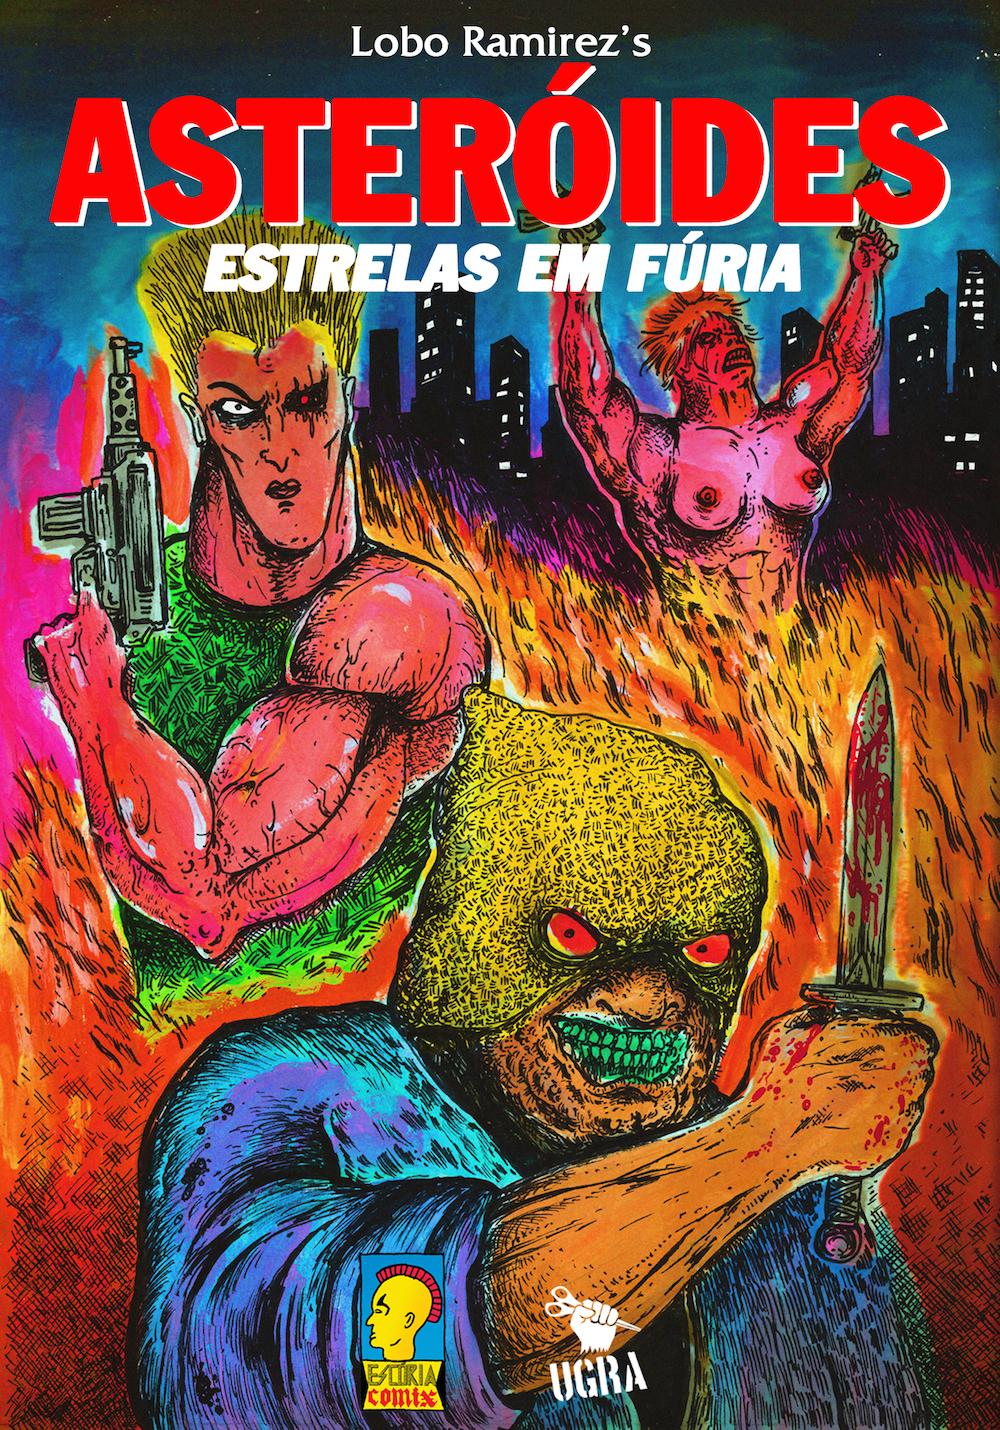 Asteróides – Estrelas em Fúria: confira a capa da nova HQ de Lobo Ramirez